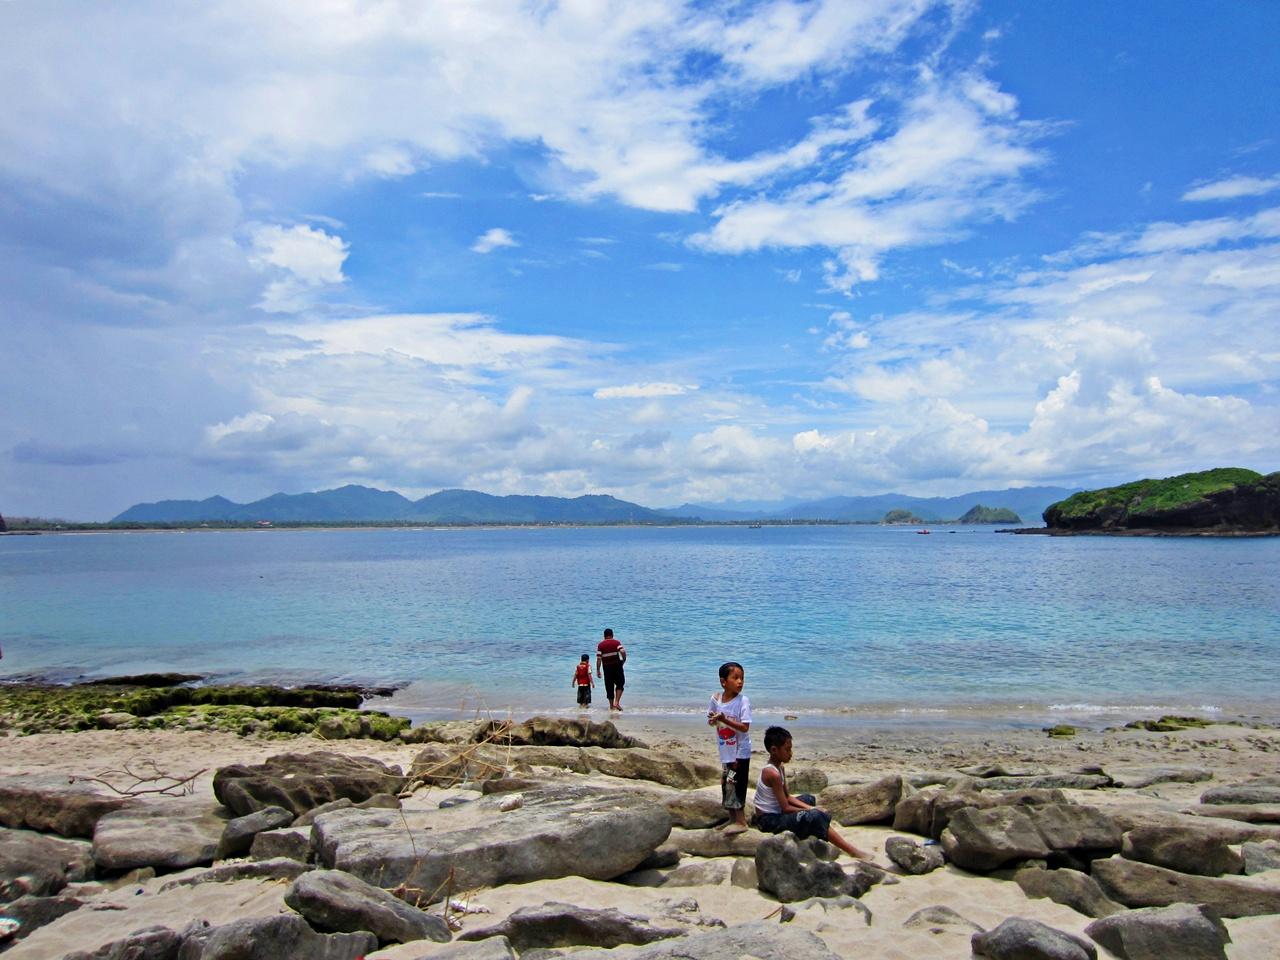 Wisata Jawa Timur Pantai Papuma Jember Varokah Kab